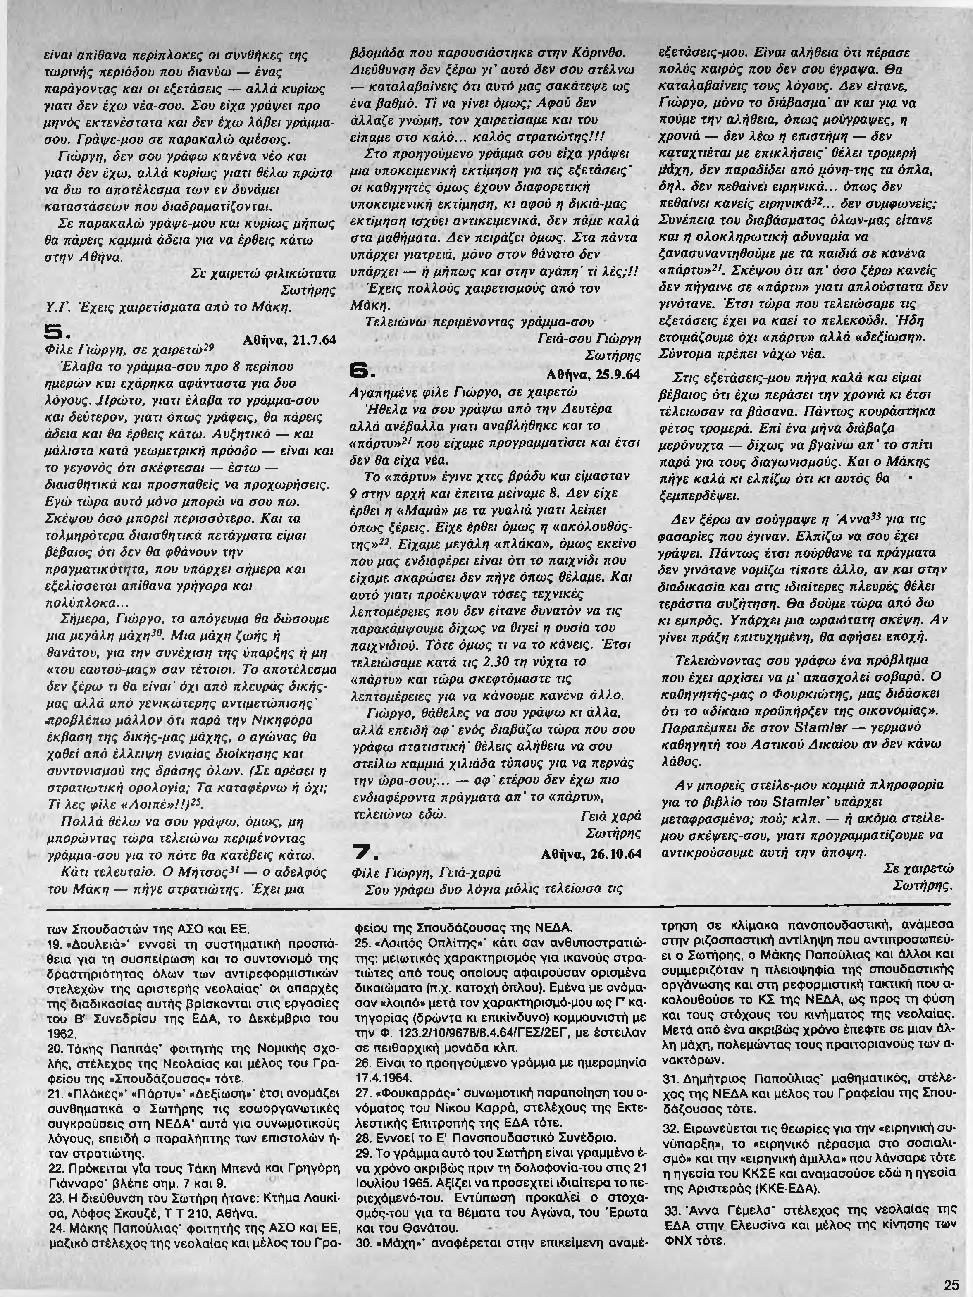 Γιώργος Χατζόπουλος - Επιστολές Σωτήρης Πέτρουλας